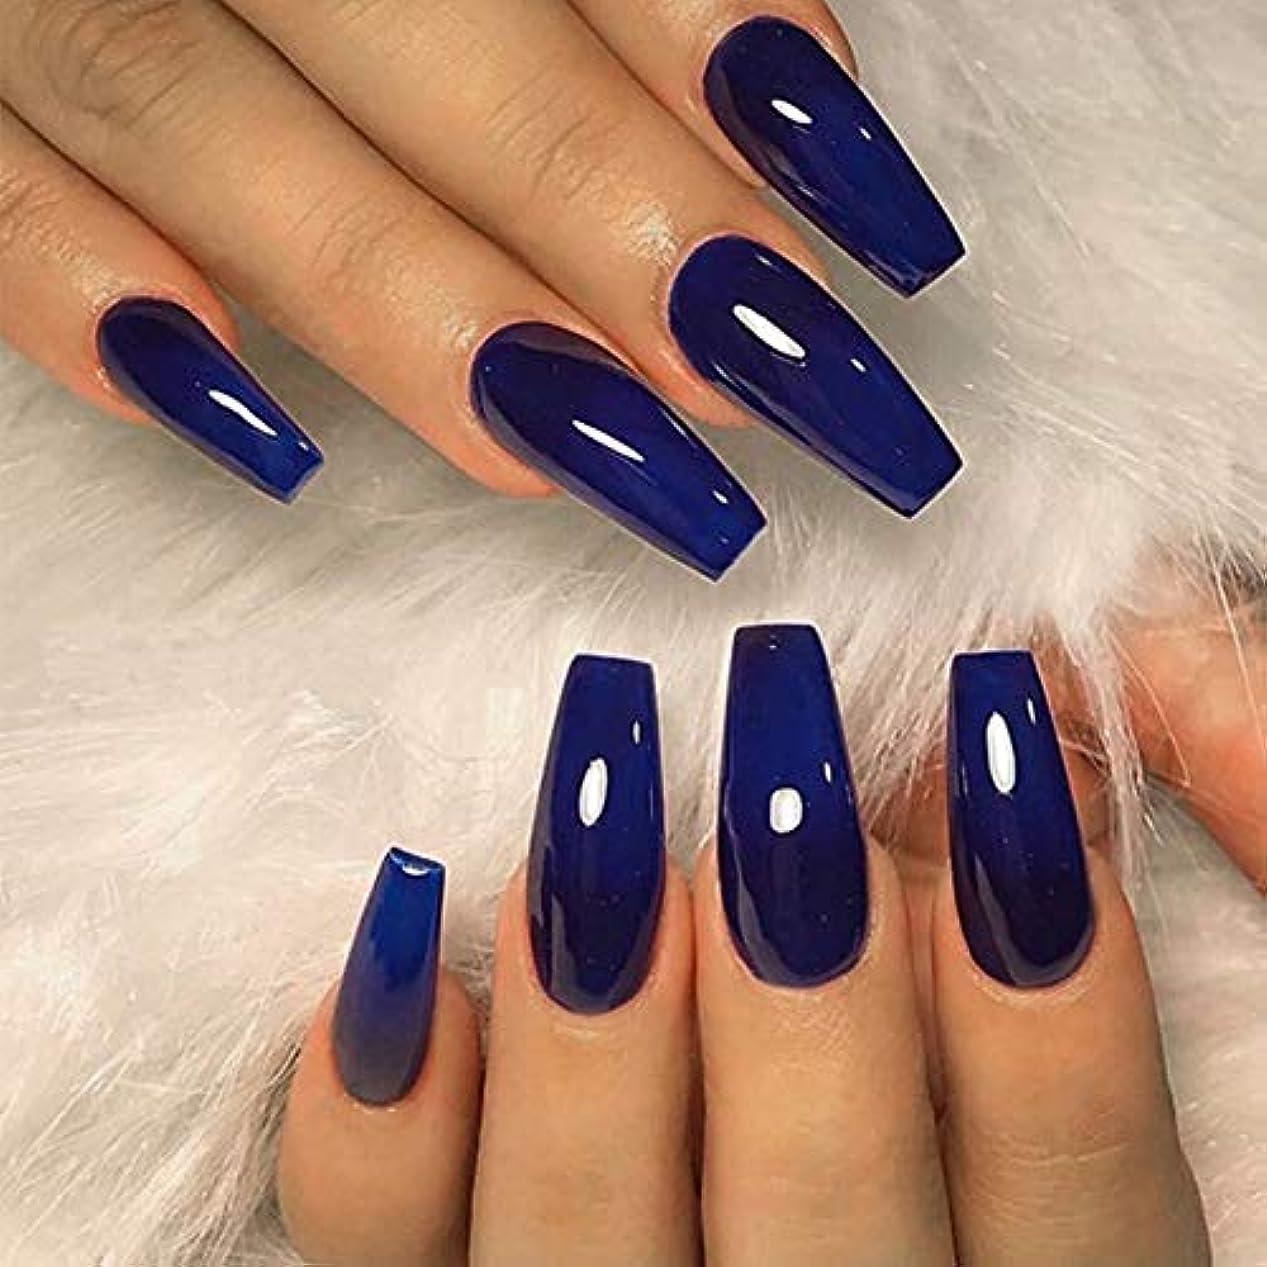 集計第戸口XUTXZKA ウェアラブルロングスクエアヘッドフェイクネイルのヒント女性マニキュア装飾ブルー人工爪パッチ24ピース/セット